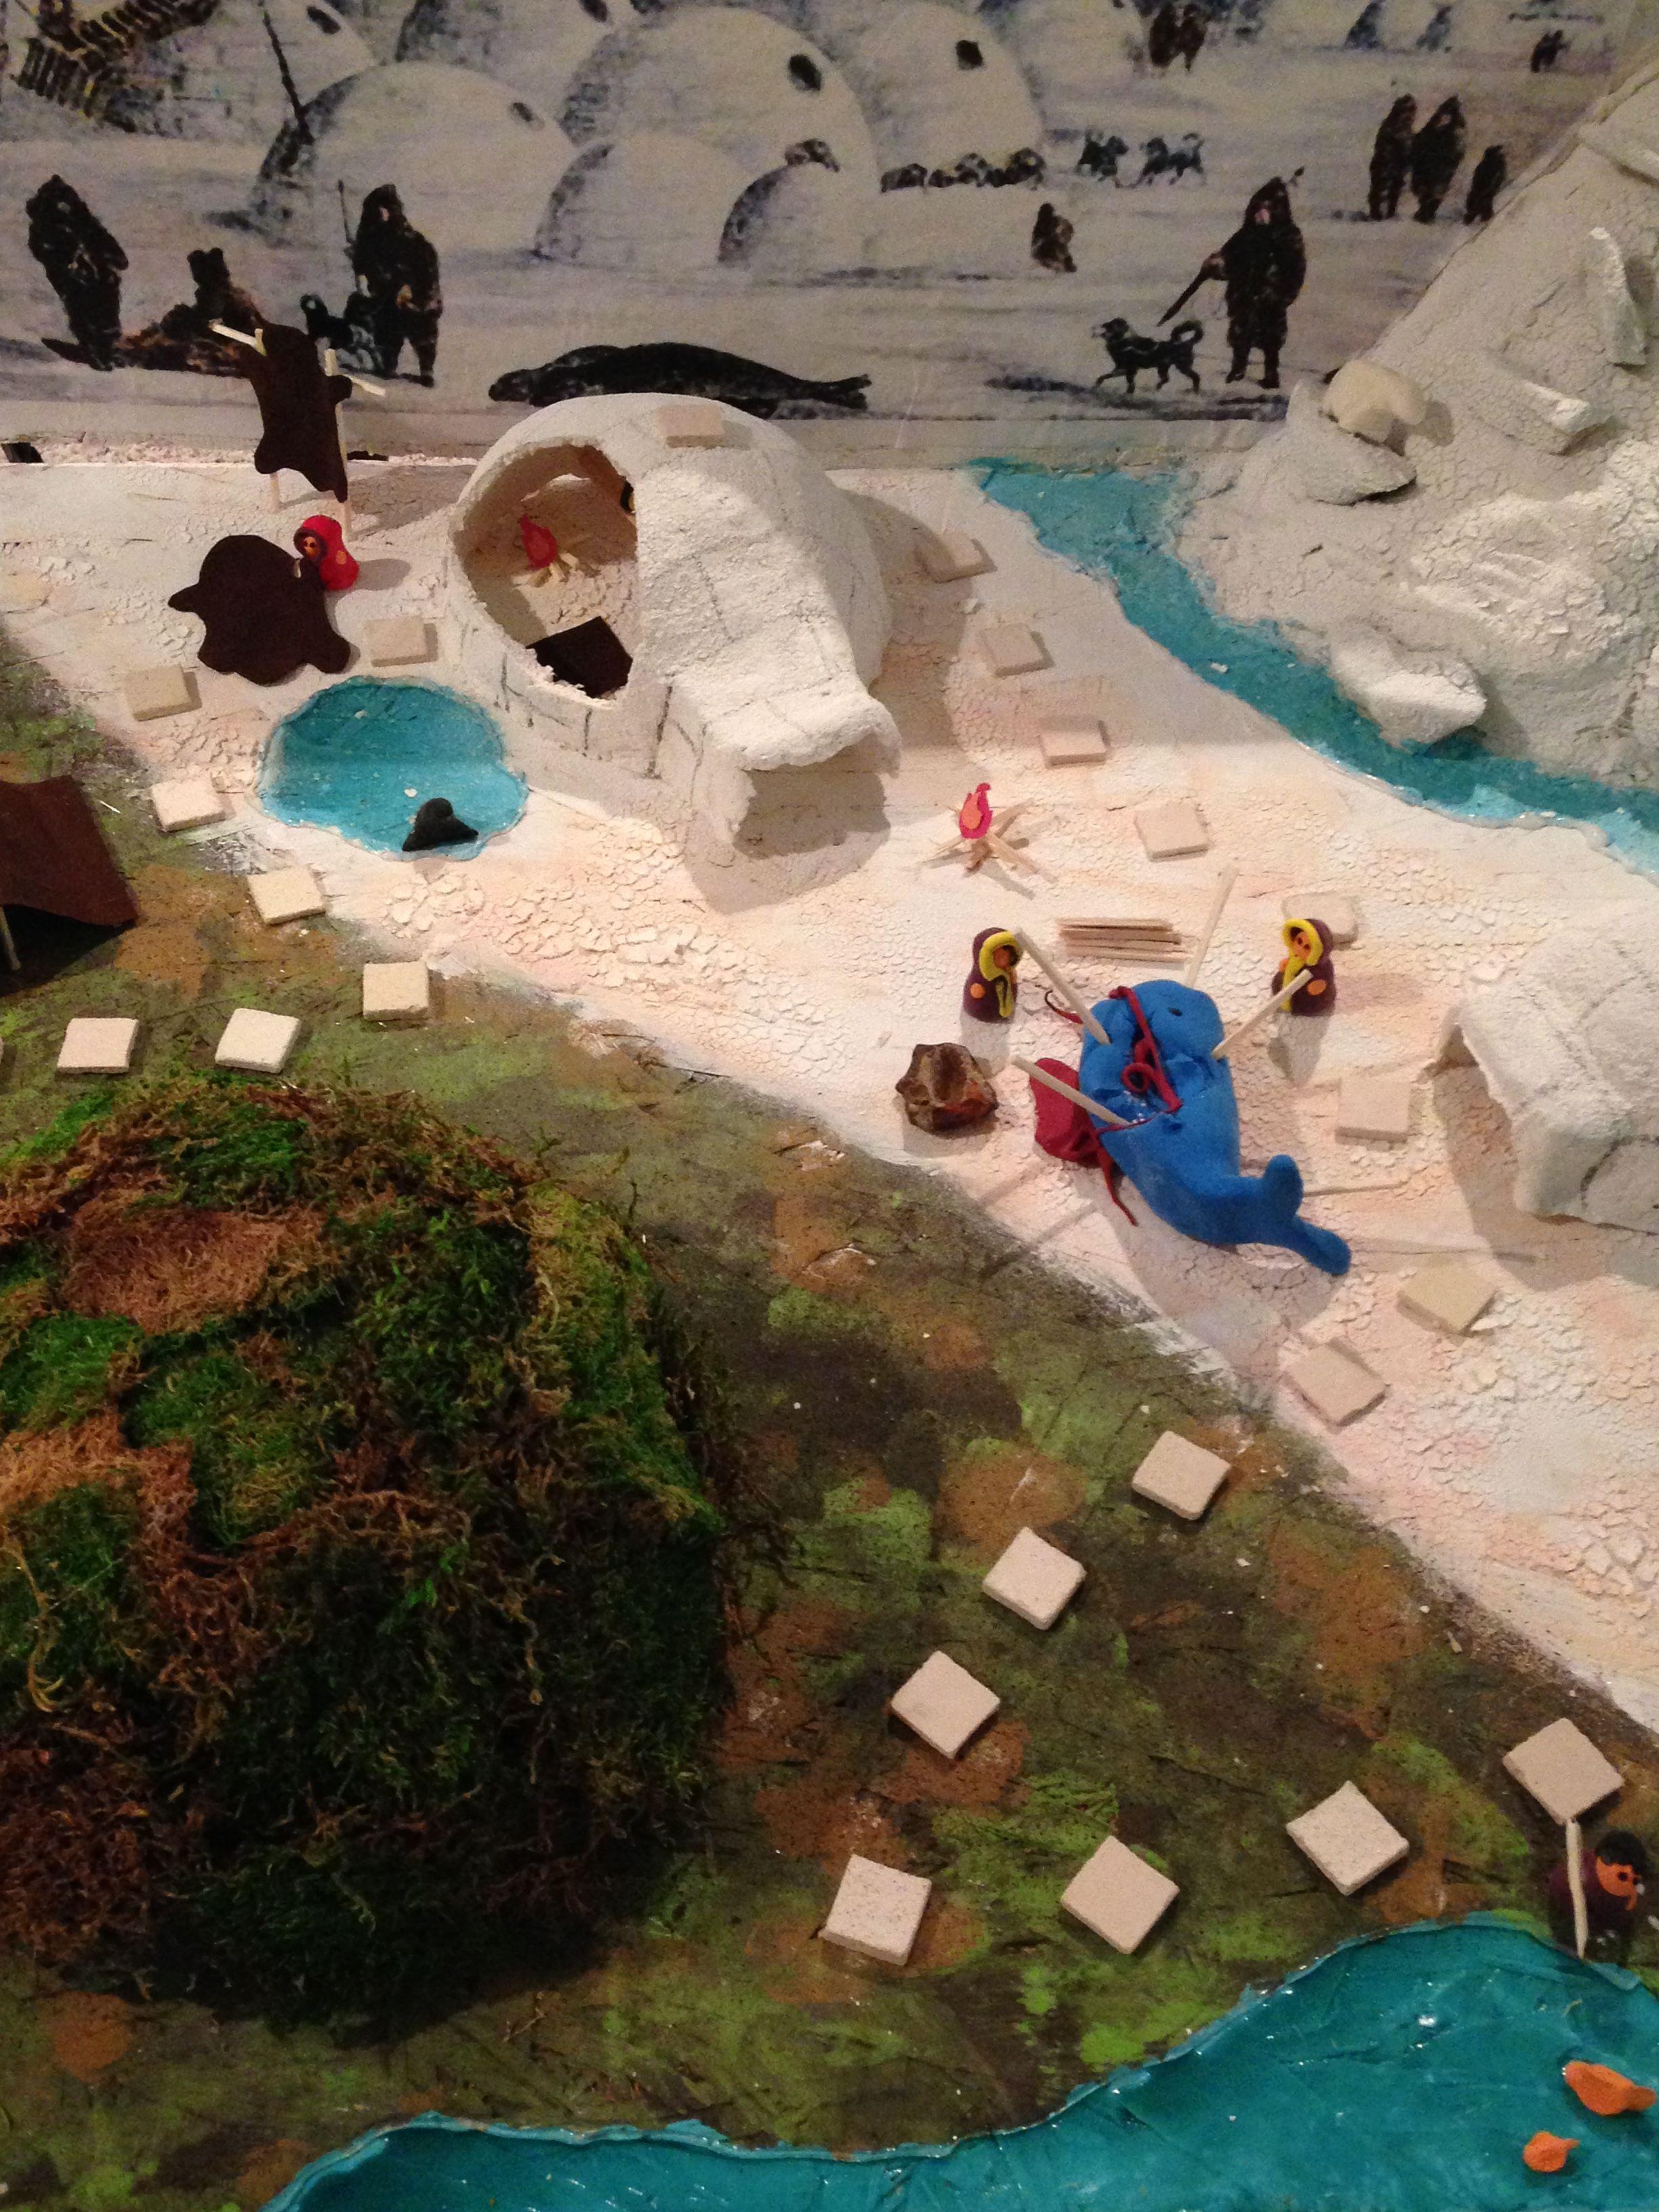 Inuit Diorama Board Game